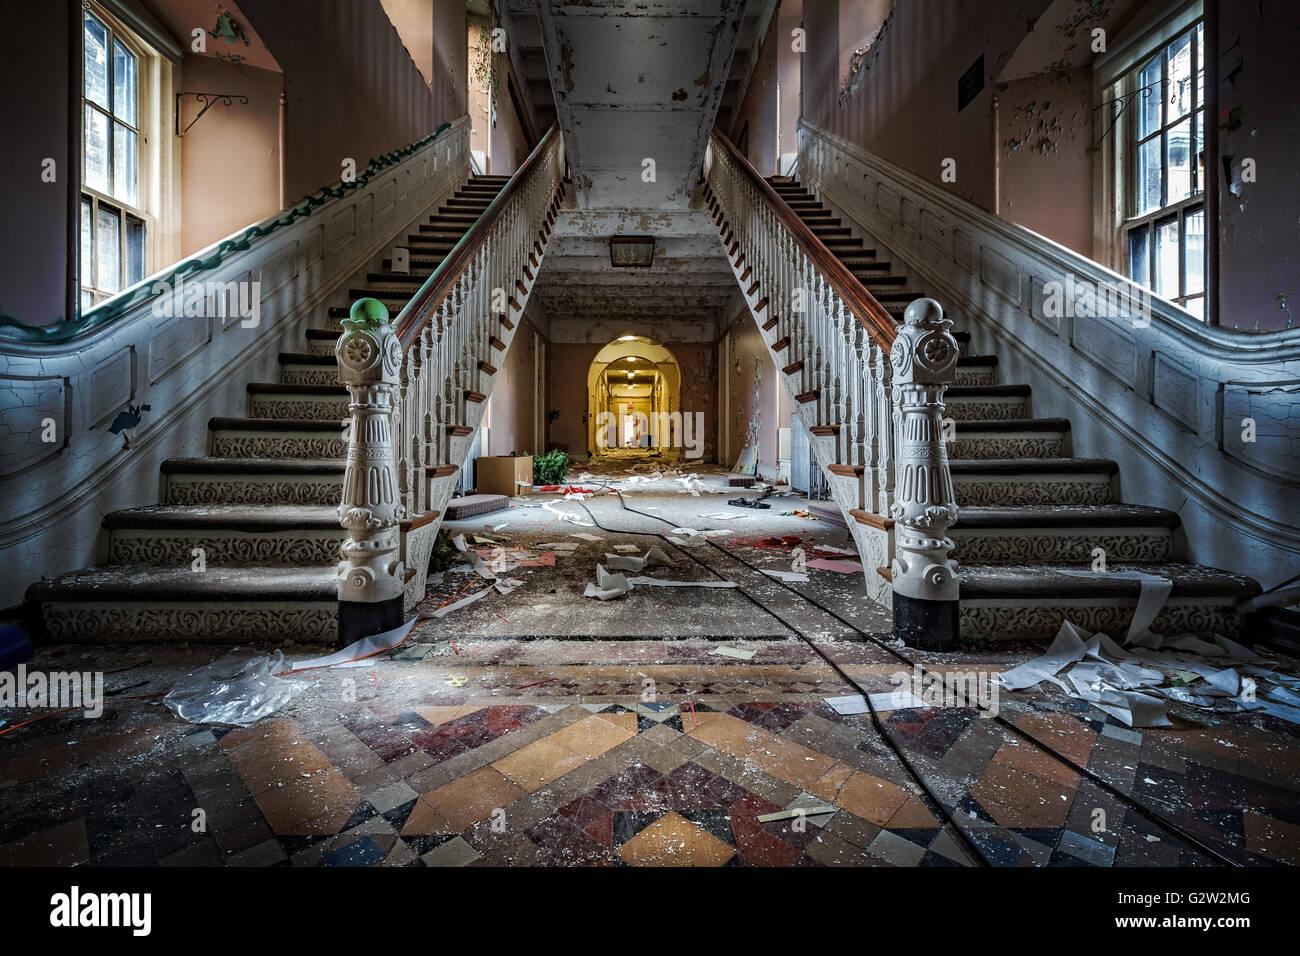 Haupteingang mit symmetrischen Treppen von einem verlassenen psychiatrischen Krankenhaus (abgerissen im Jahr 2015) Stockbild